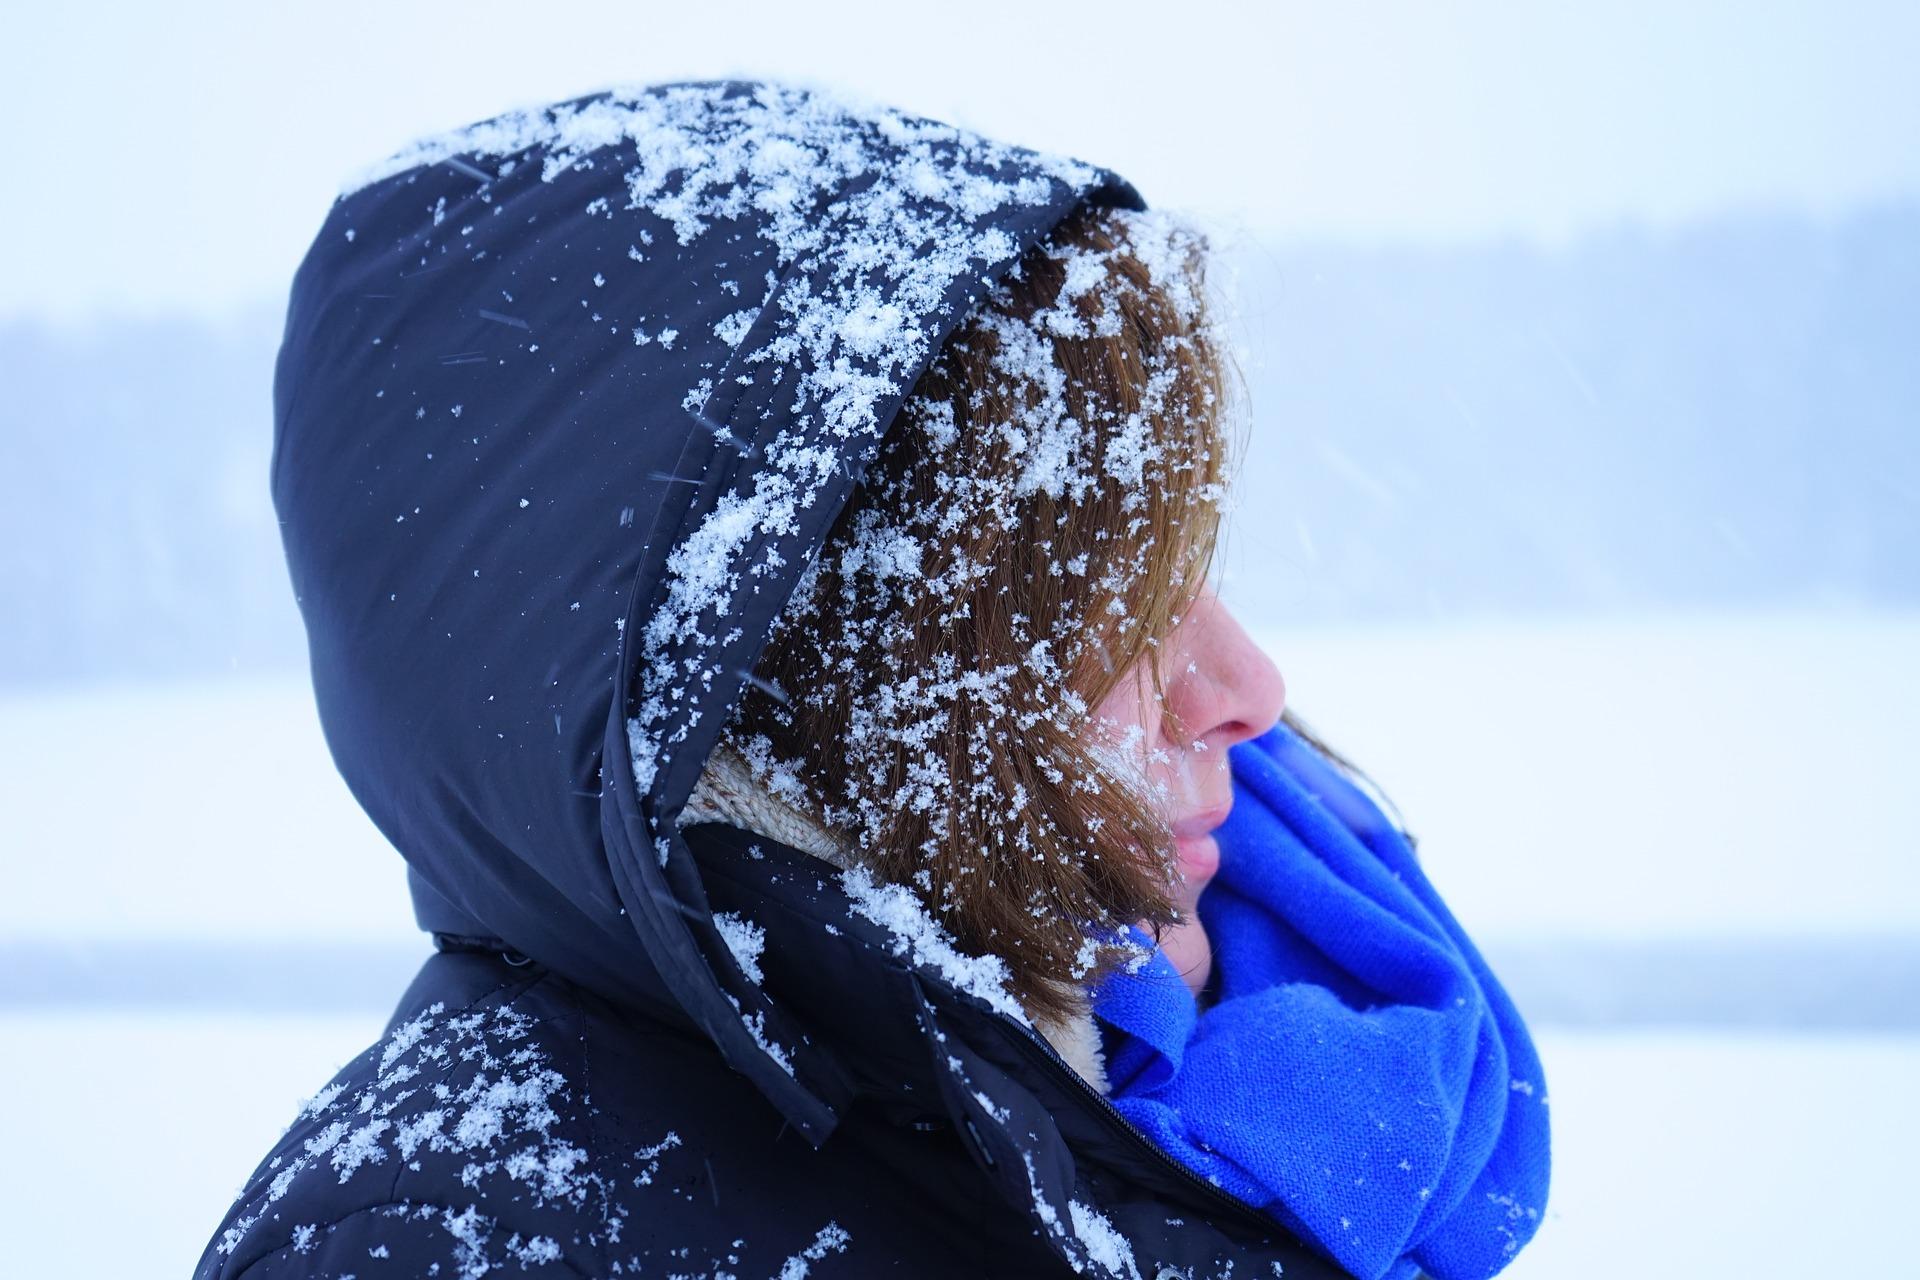 Anticaspa No Poo - Garota com casaco azul escuro com a cabeça cheia de neve